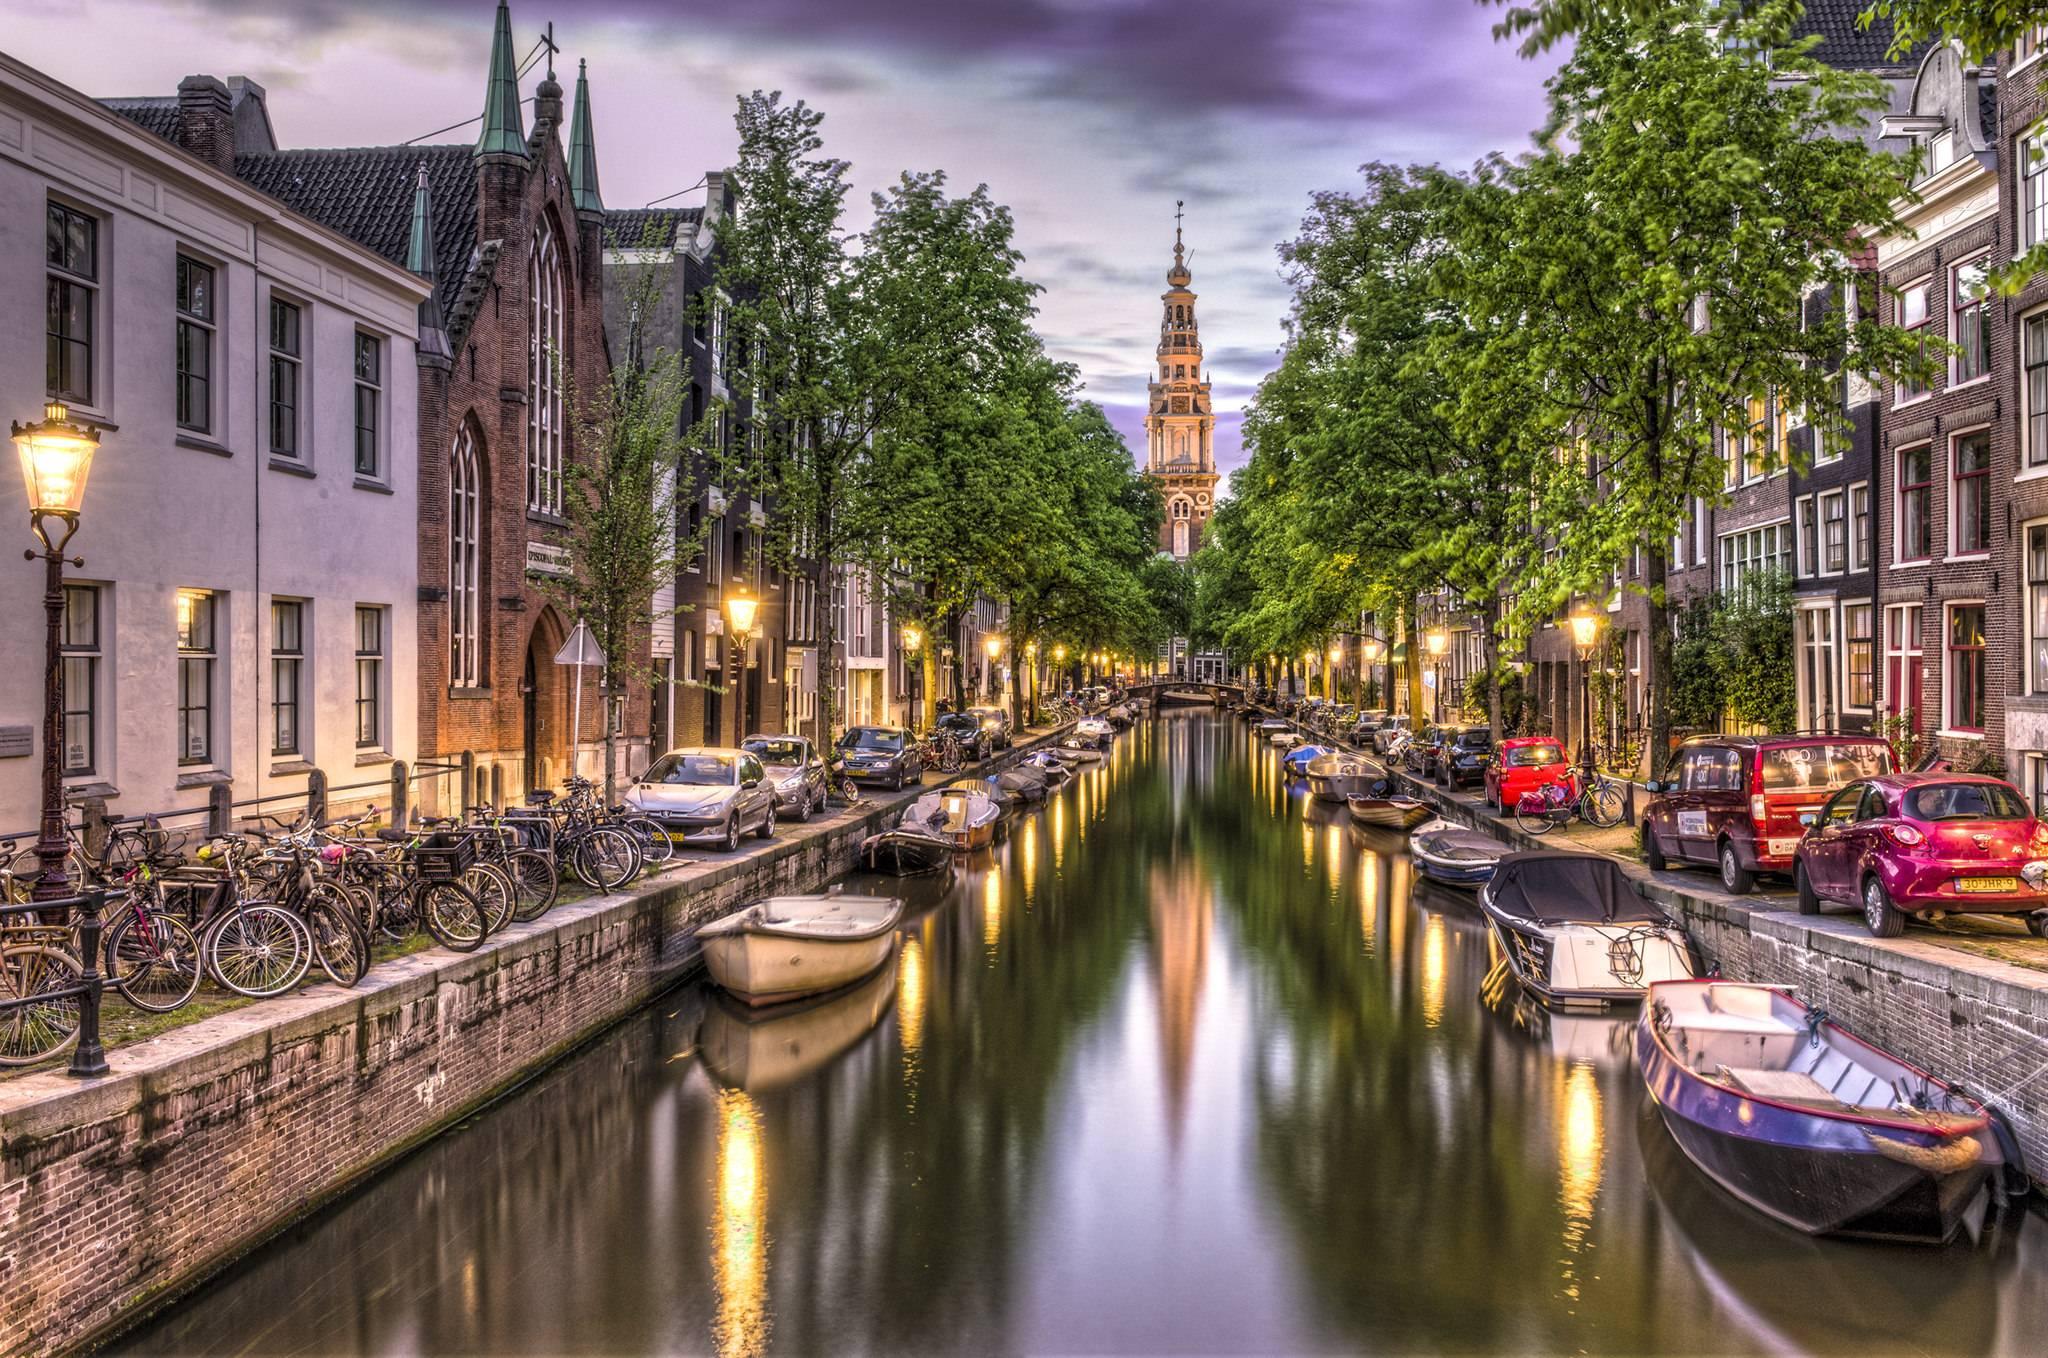 провести свой фото амстердама в хорошем качестве лето бака